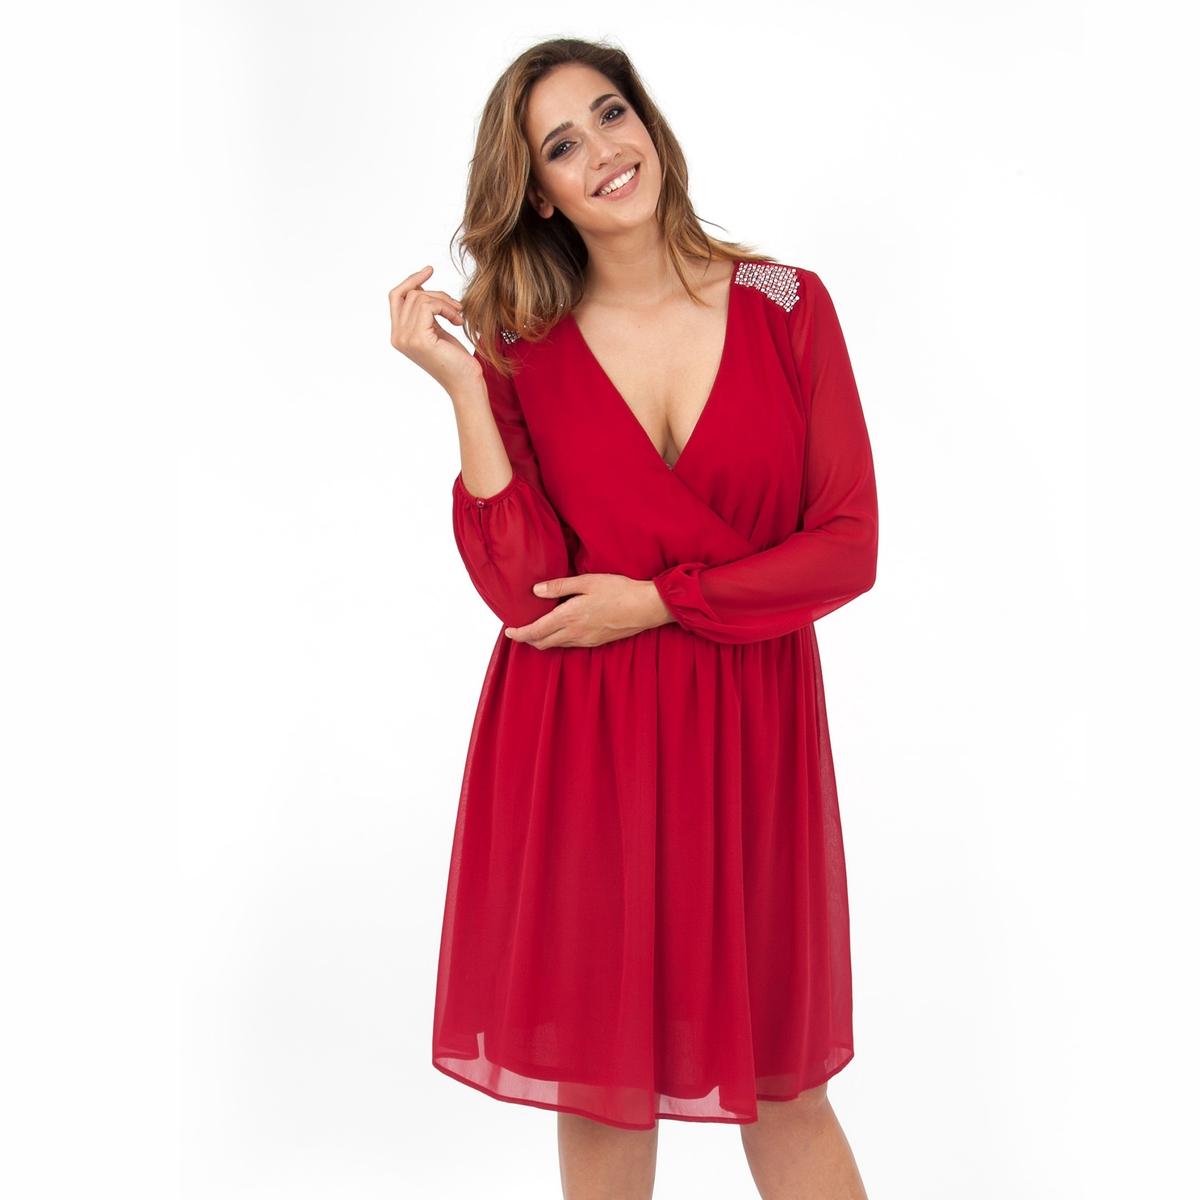 ПлатьеПлатье с длинными рукавами - LOVEDROBE. Область плеча расшита бисером. Платье притягательного красного цвета с красивым вырезом декольте. Длина ок.104 см. 100% полиэстера.<br><br>Цвет: бордовый